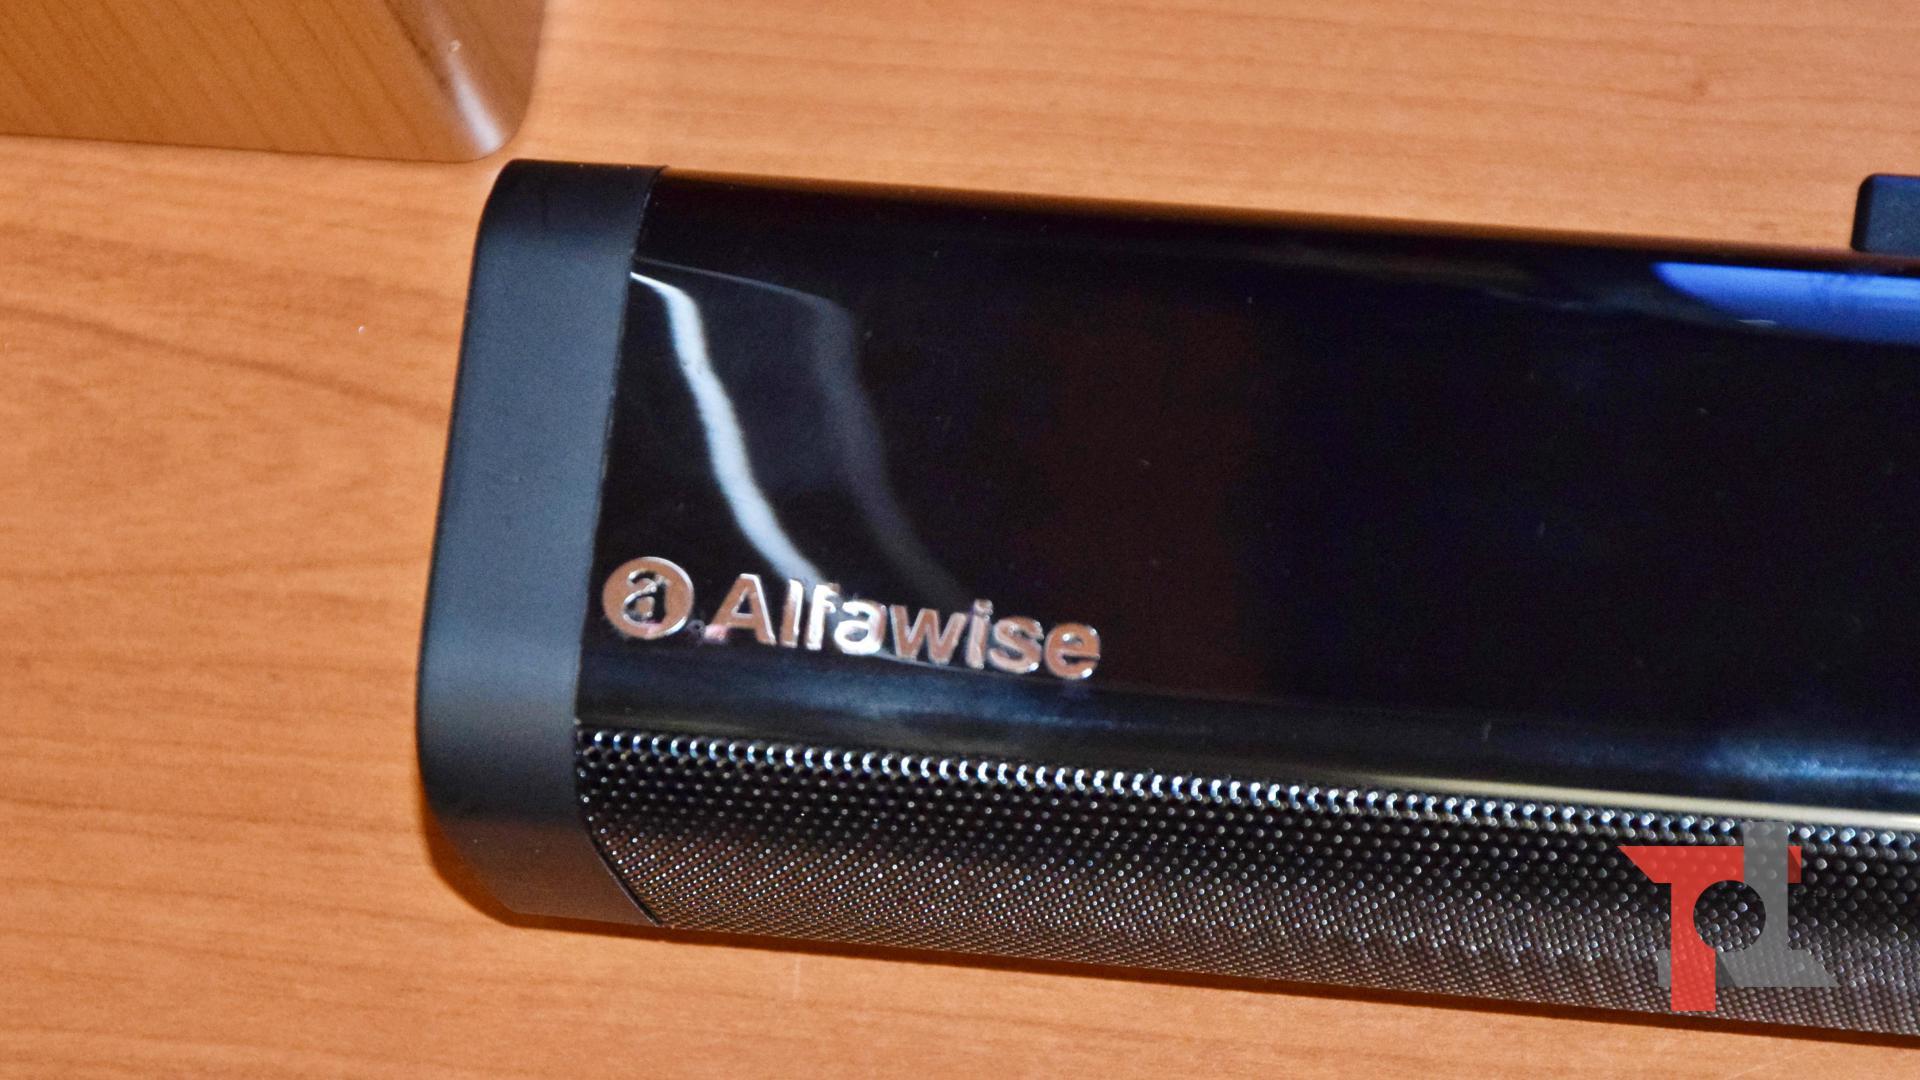 Recensione Alfawise XBR-08, una soundbar poliedrica ma con qualche limite 8